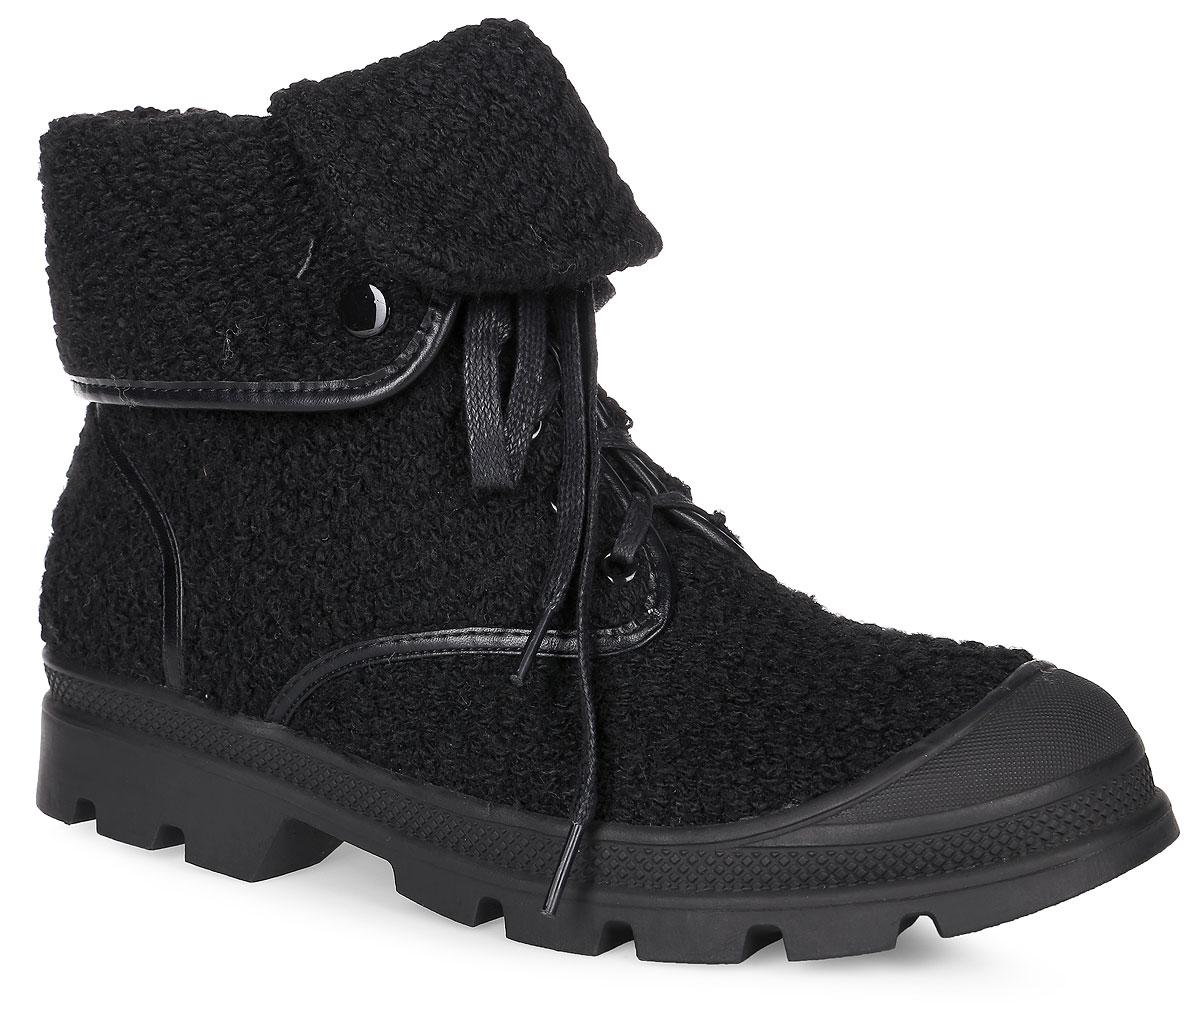 SP-FA0201-1Женские ботинки выполнены из оригинального текстиля. Подкладка и стелька, изготовленные из мягкой байки, защитят ноги от холода и обеспечат комфорт. Ботинки дополнены классической шнуровкой на подъеме. Мысок усилен резиновой вставкой. Подошва, выполненная из термопластичного материала, оснащена рифлением.